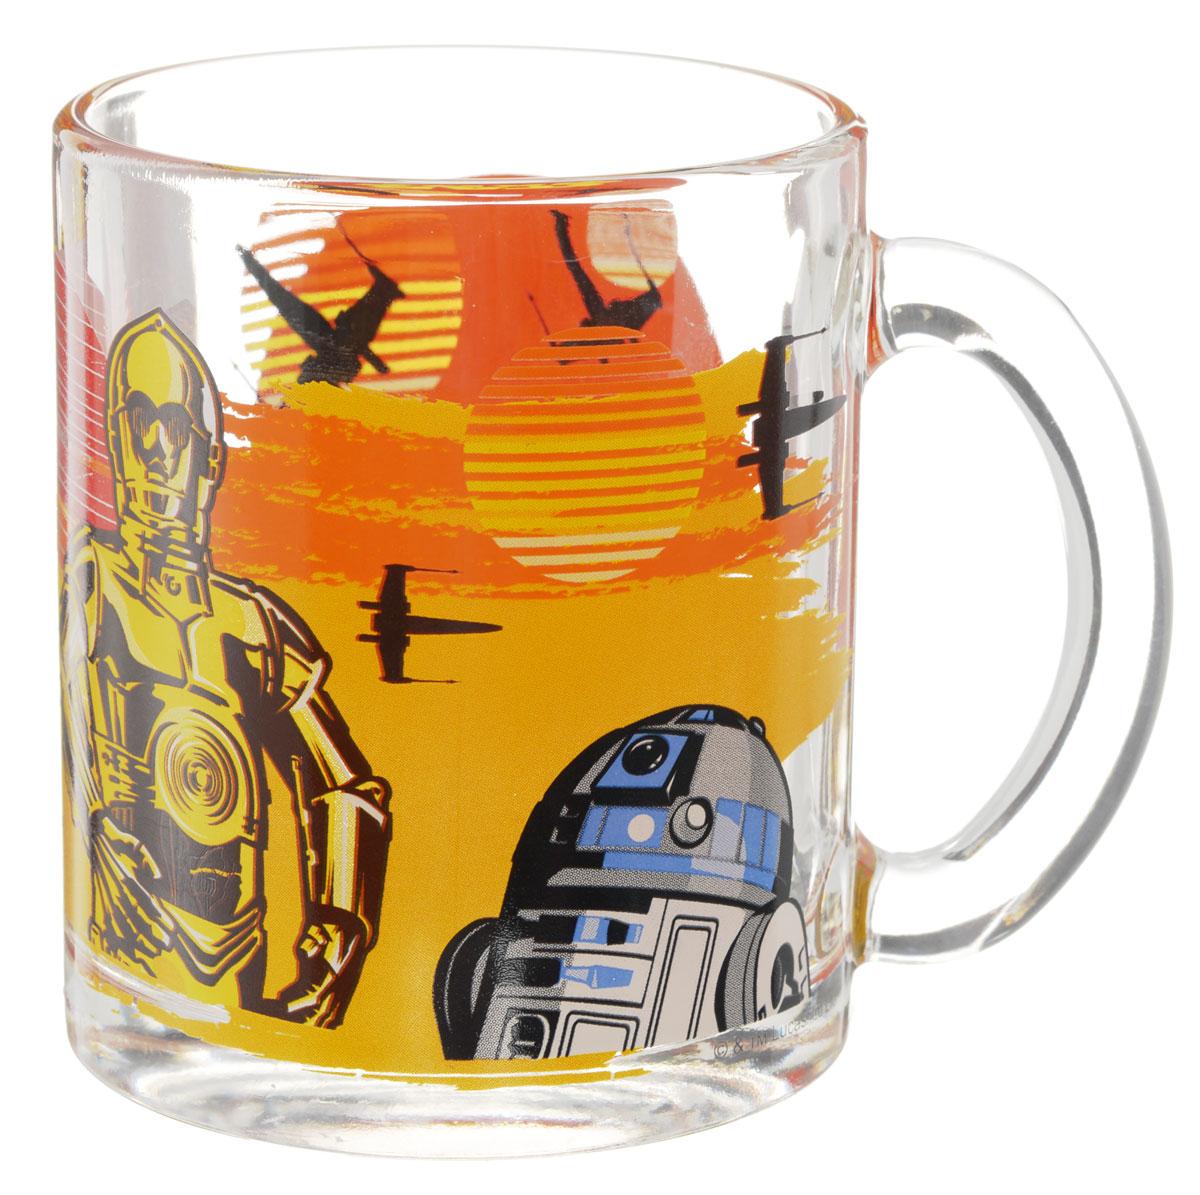 Star Wars Кружка детская Роботы 300 млSWG0103Детская кружка Star Wars Роботы с любимыми героями станет отличным подарком для вашего ребенка. Она выполнена из стекла и оформлена изображением героев киновселенной Звездные войны. Кружка дополнена удобной ручкой. Такой подарок станет не только приятным, но и практичным сувениром: кружка будет незаменимым атрибутом чаепития, а оригинальное оформление кружки добавит ярких эмоций и хорошего настроения. Можно использовать в посудомоечной машине.